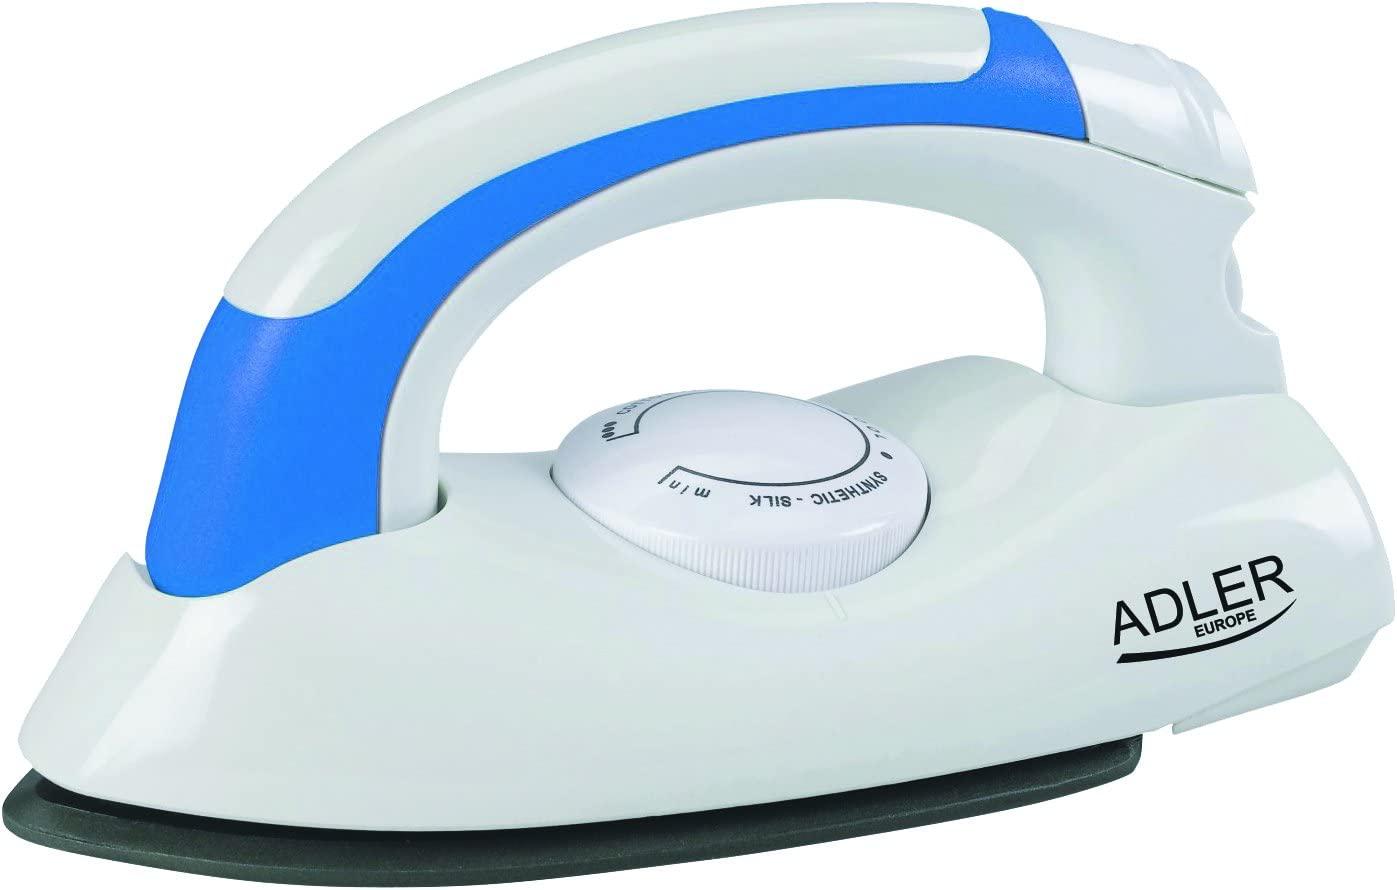 Adler AD-5015 Plancha de Viaje, 700 W, 0 Decibeles, Acero Inoxidable, Blanco/Azul [Clase de eficiencia energética A]